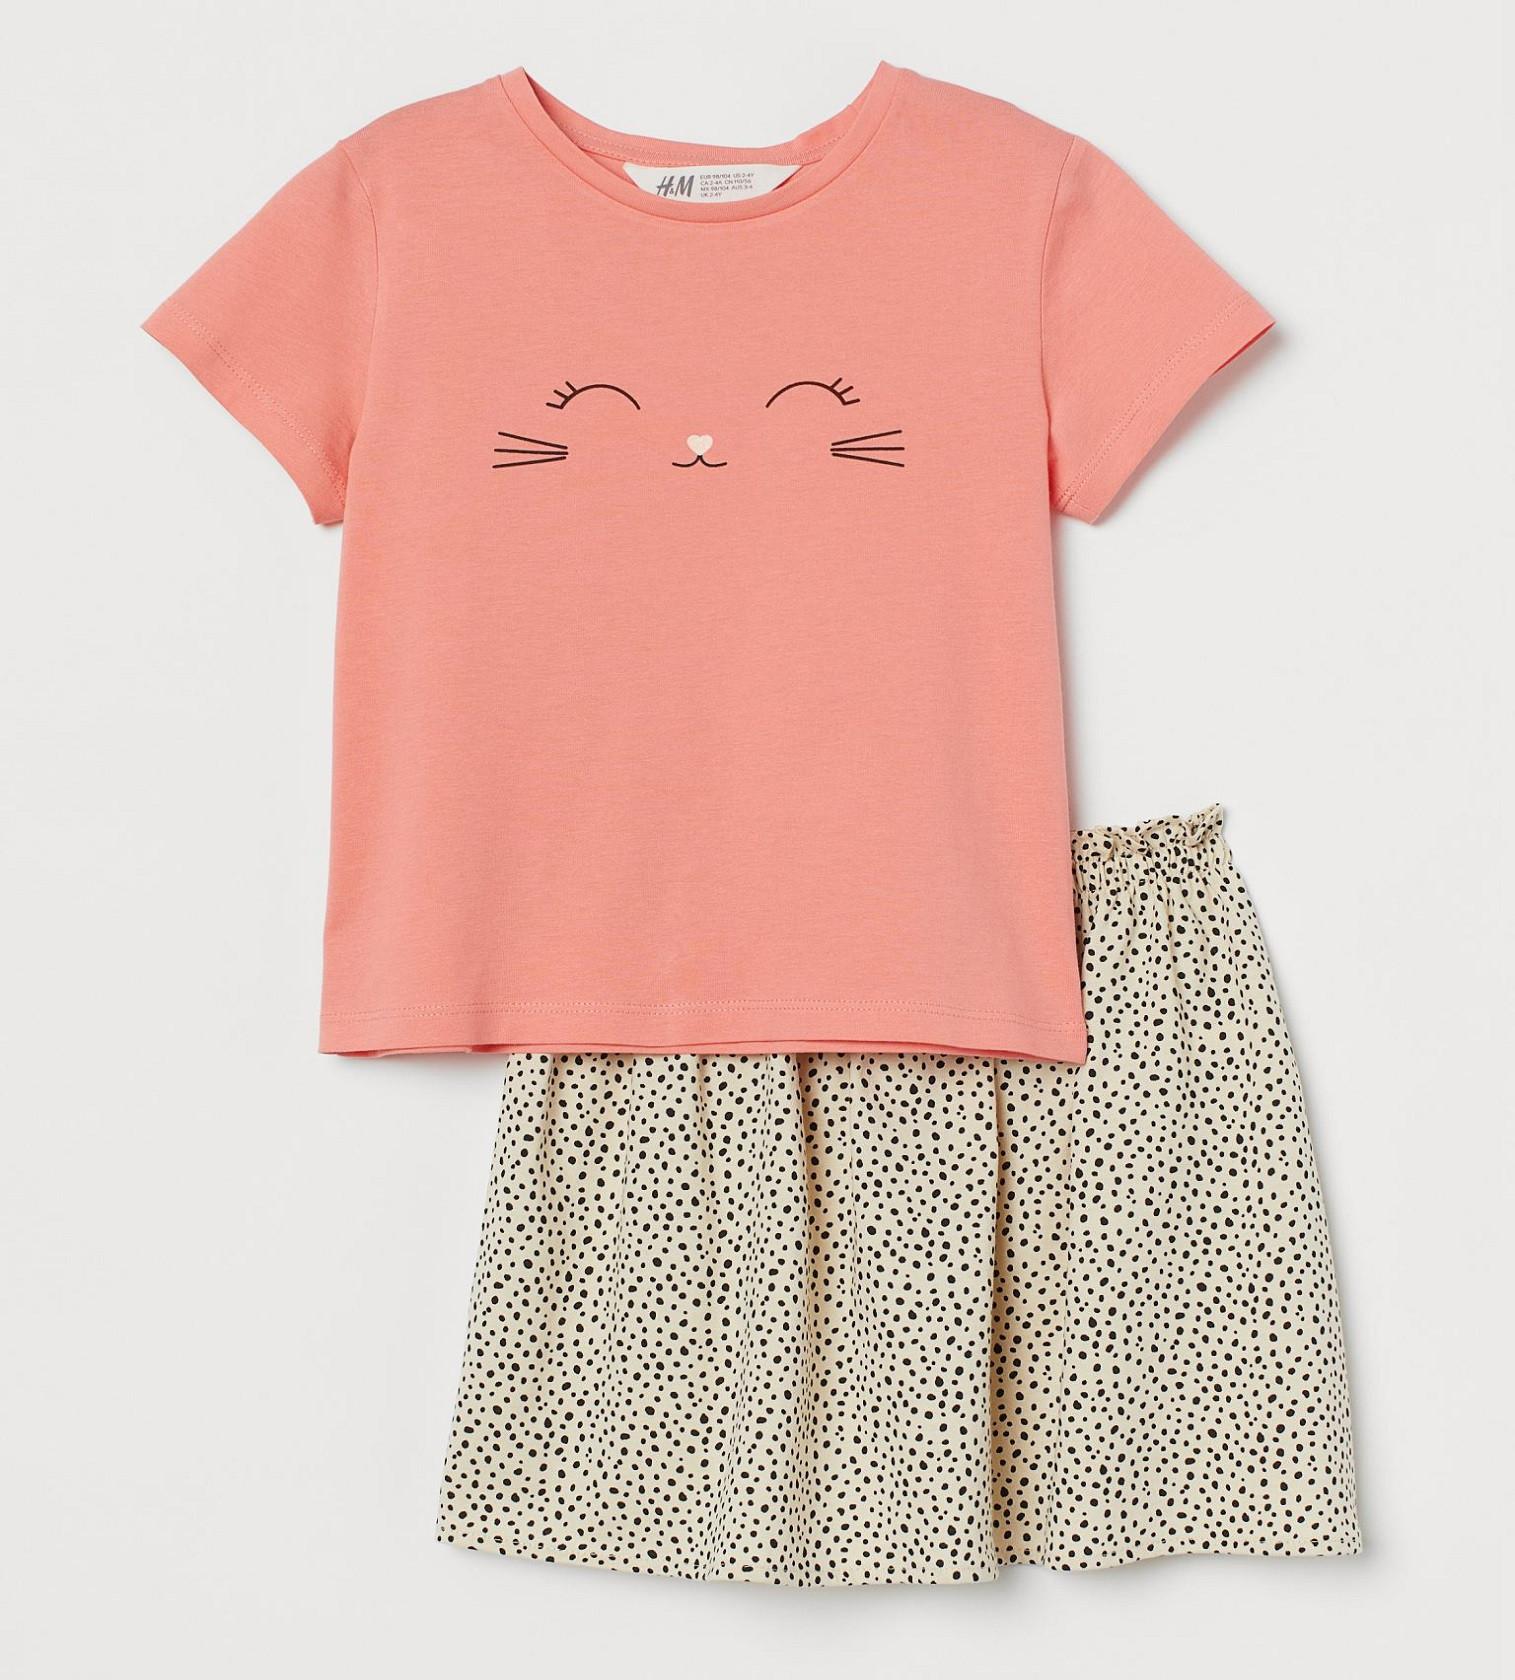 Купити Комплект H&M Кораловий рожевий / Кішка - фото 1